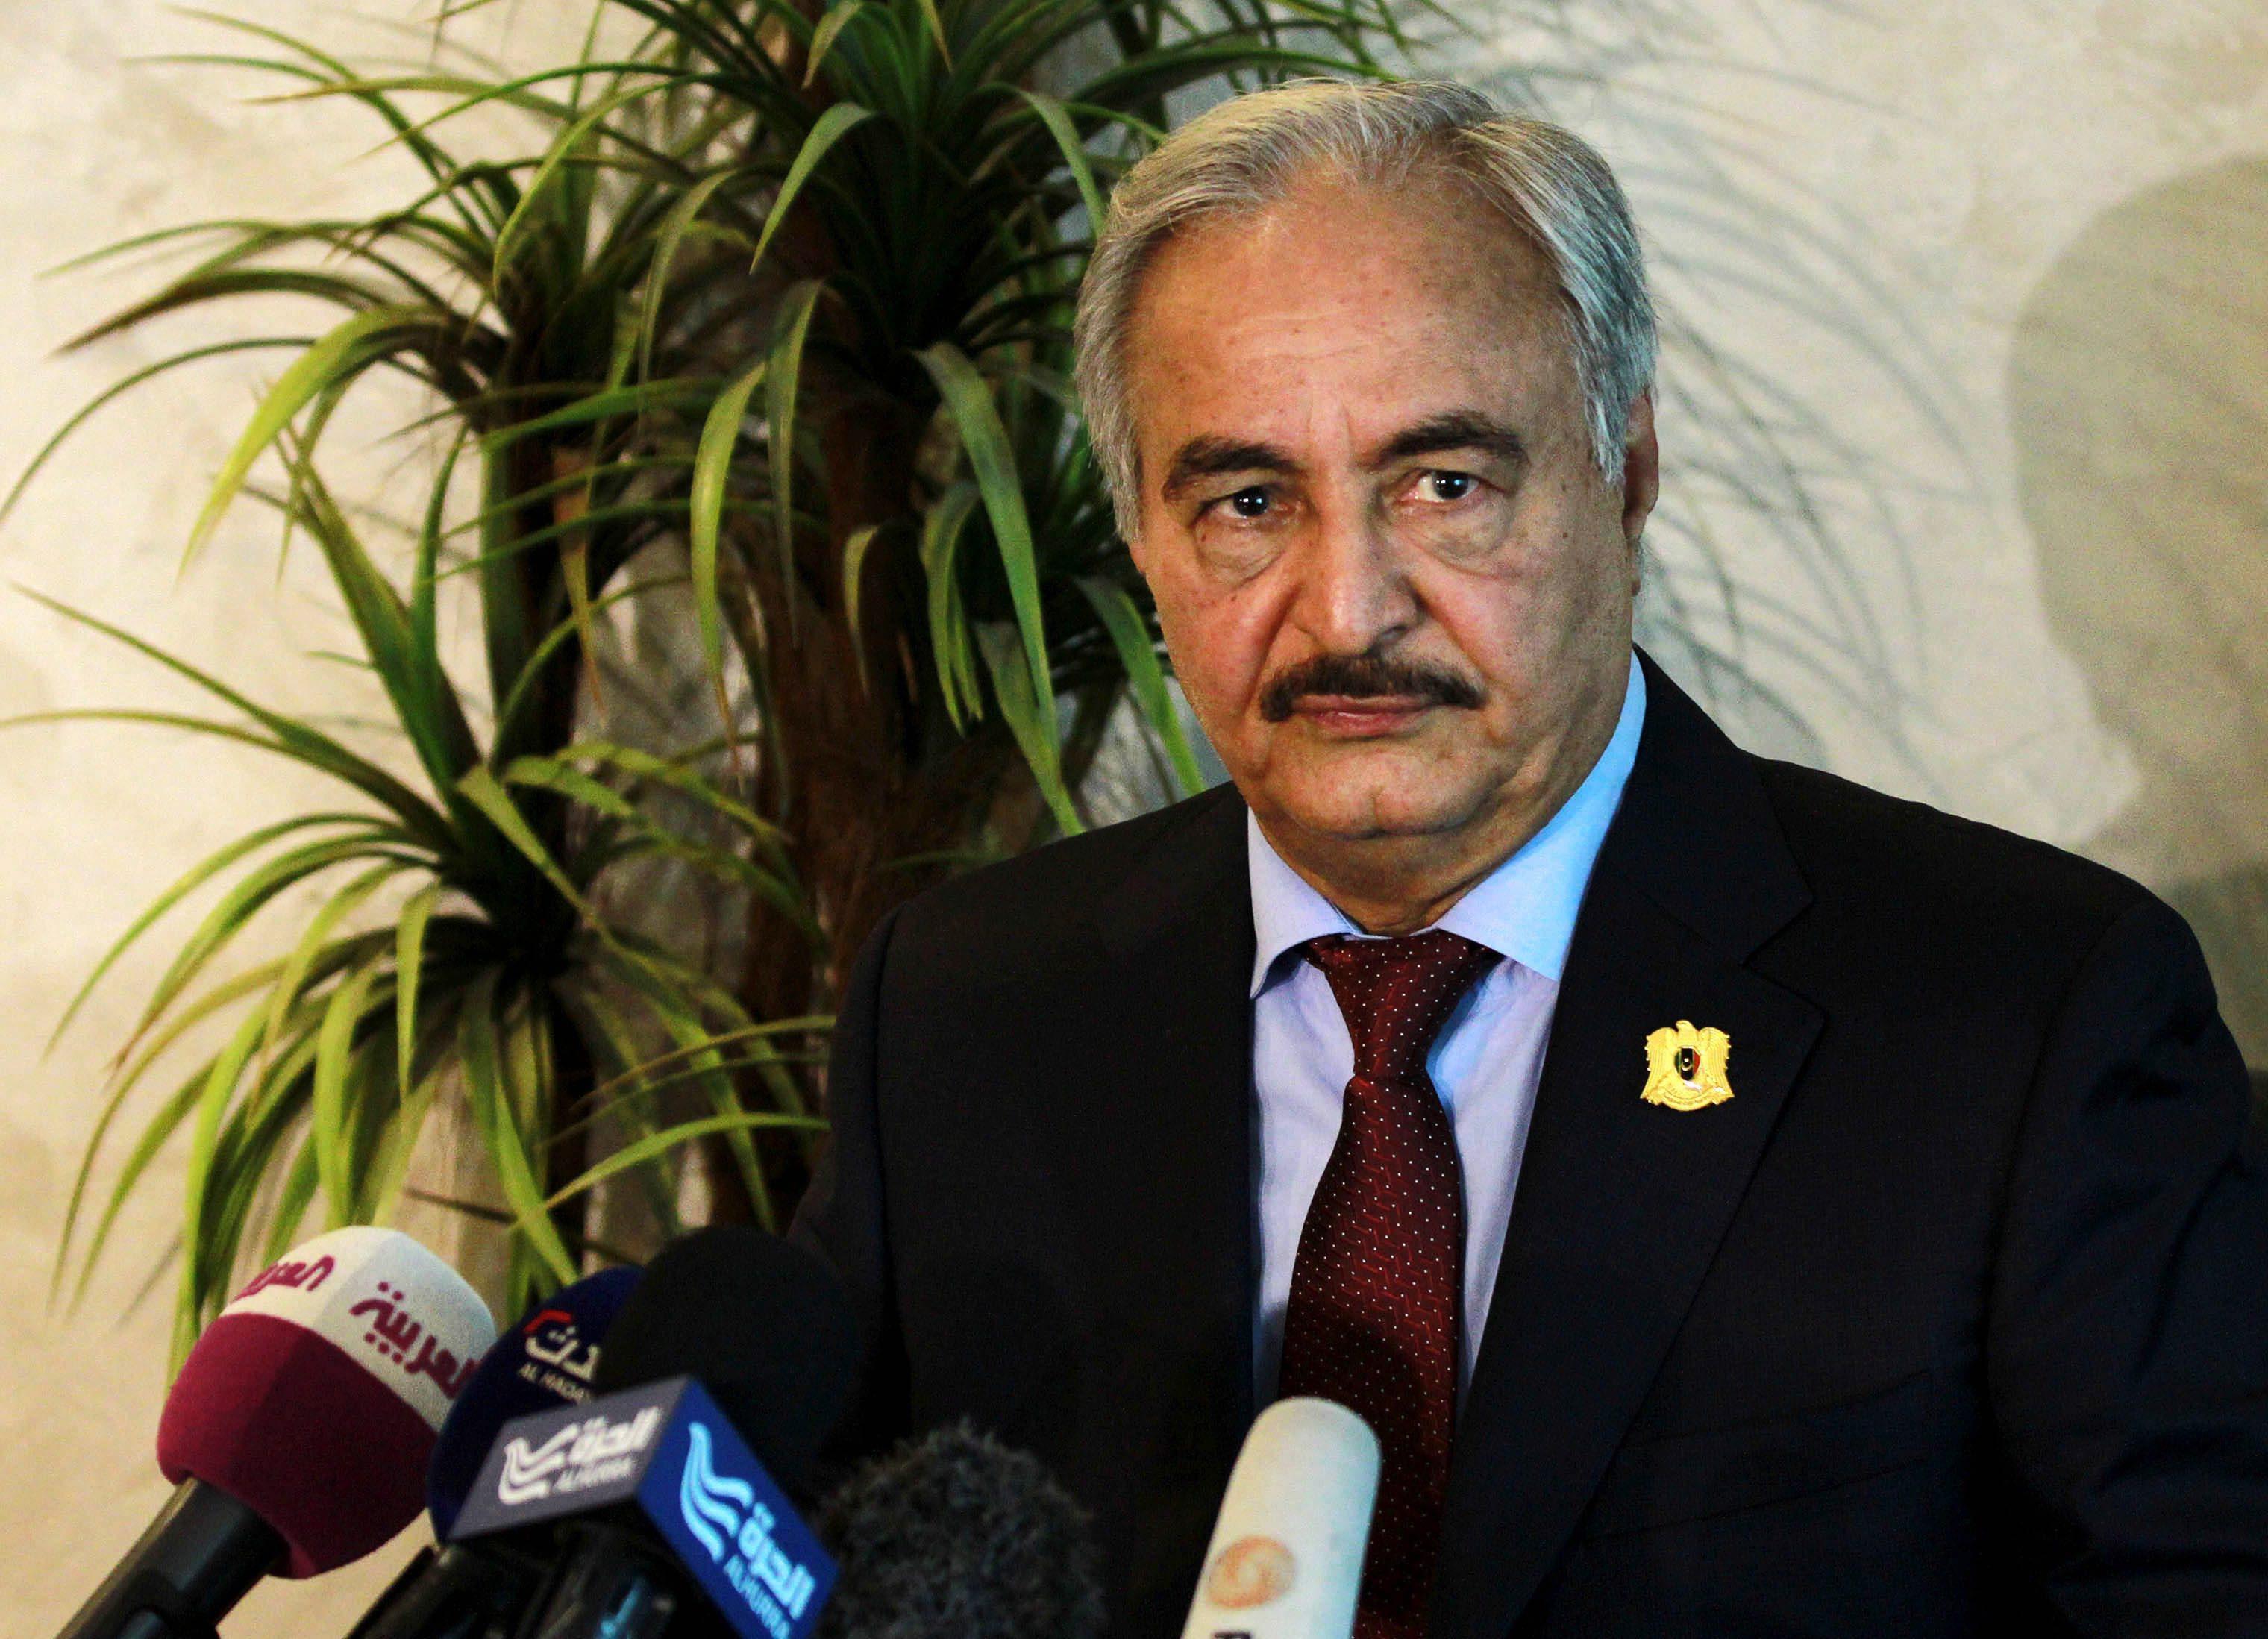 Libia ultime notizie: il generale Haftar minaccia Tripoli, si teme una nuova guerra